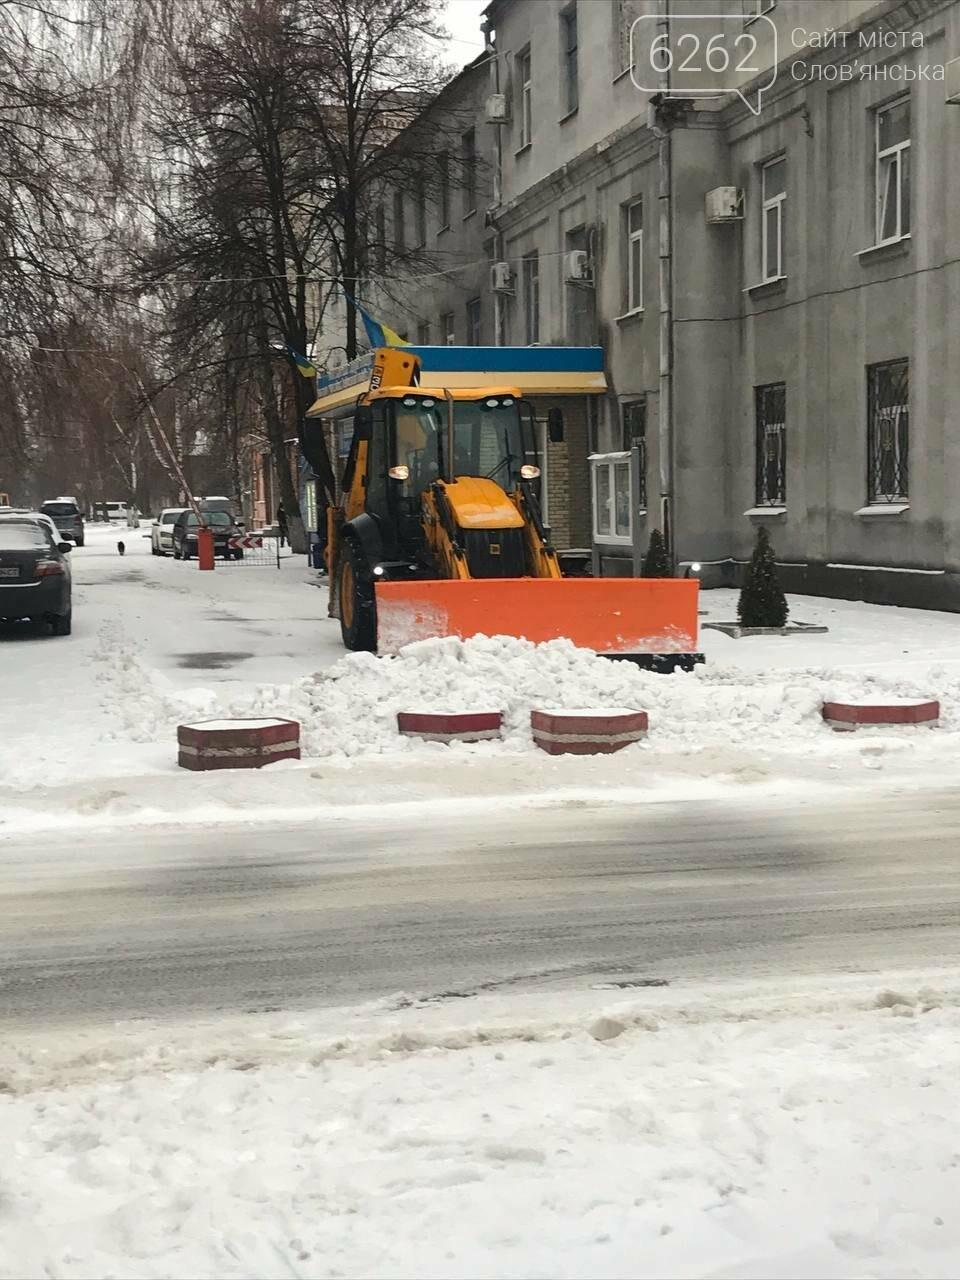 Засніжений Слов'янськ. Фоторепортаж з вулиць міста , фото-18